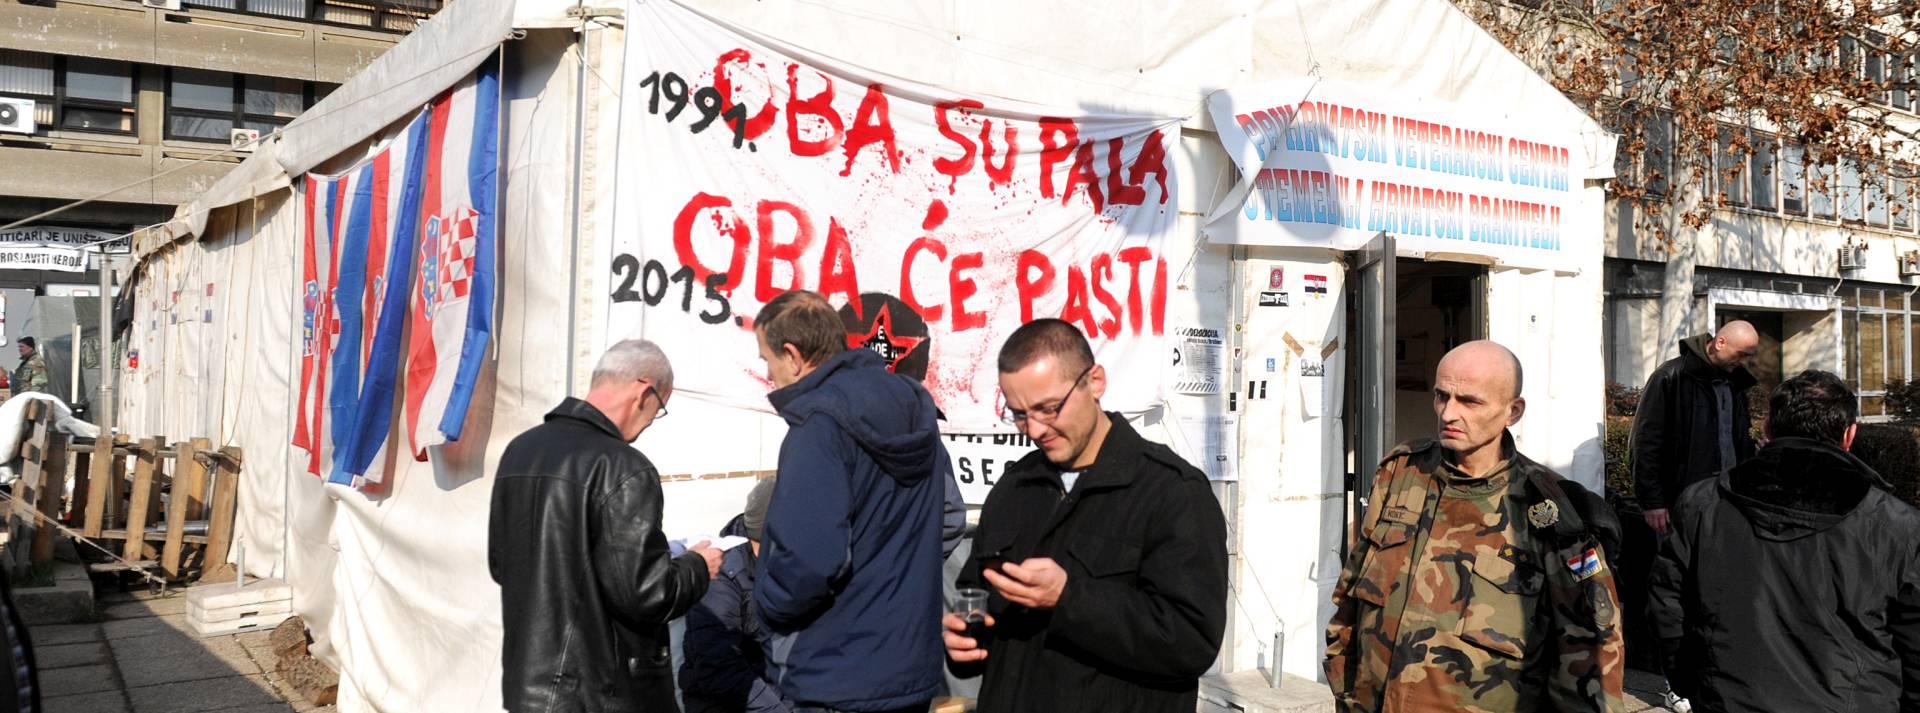 Status pripadnika Hrvatskog vijeća obrane – glavni razlog prosvjeda u Savskoj